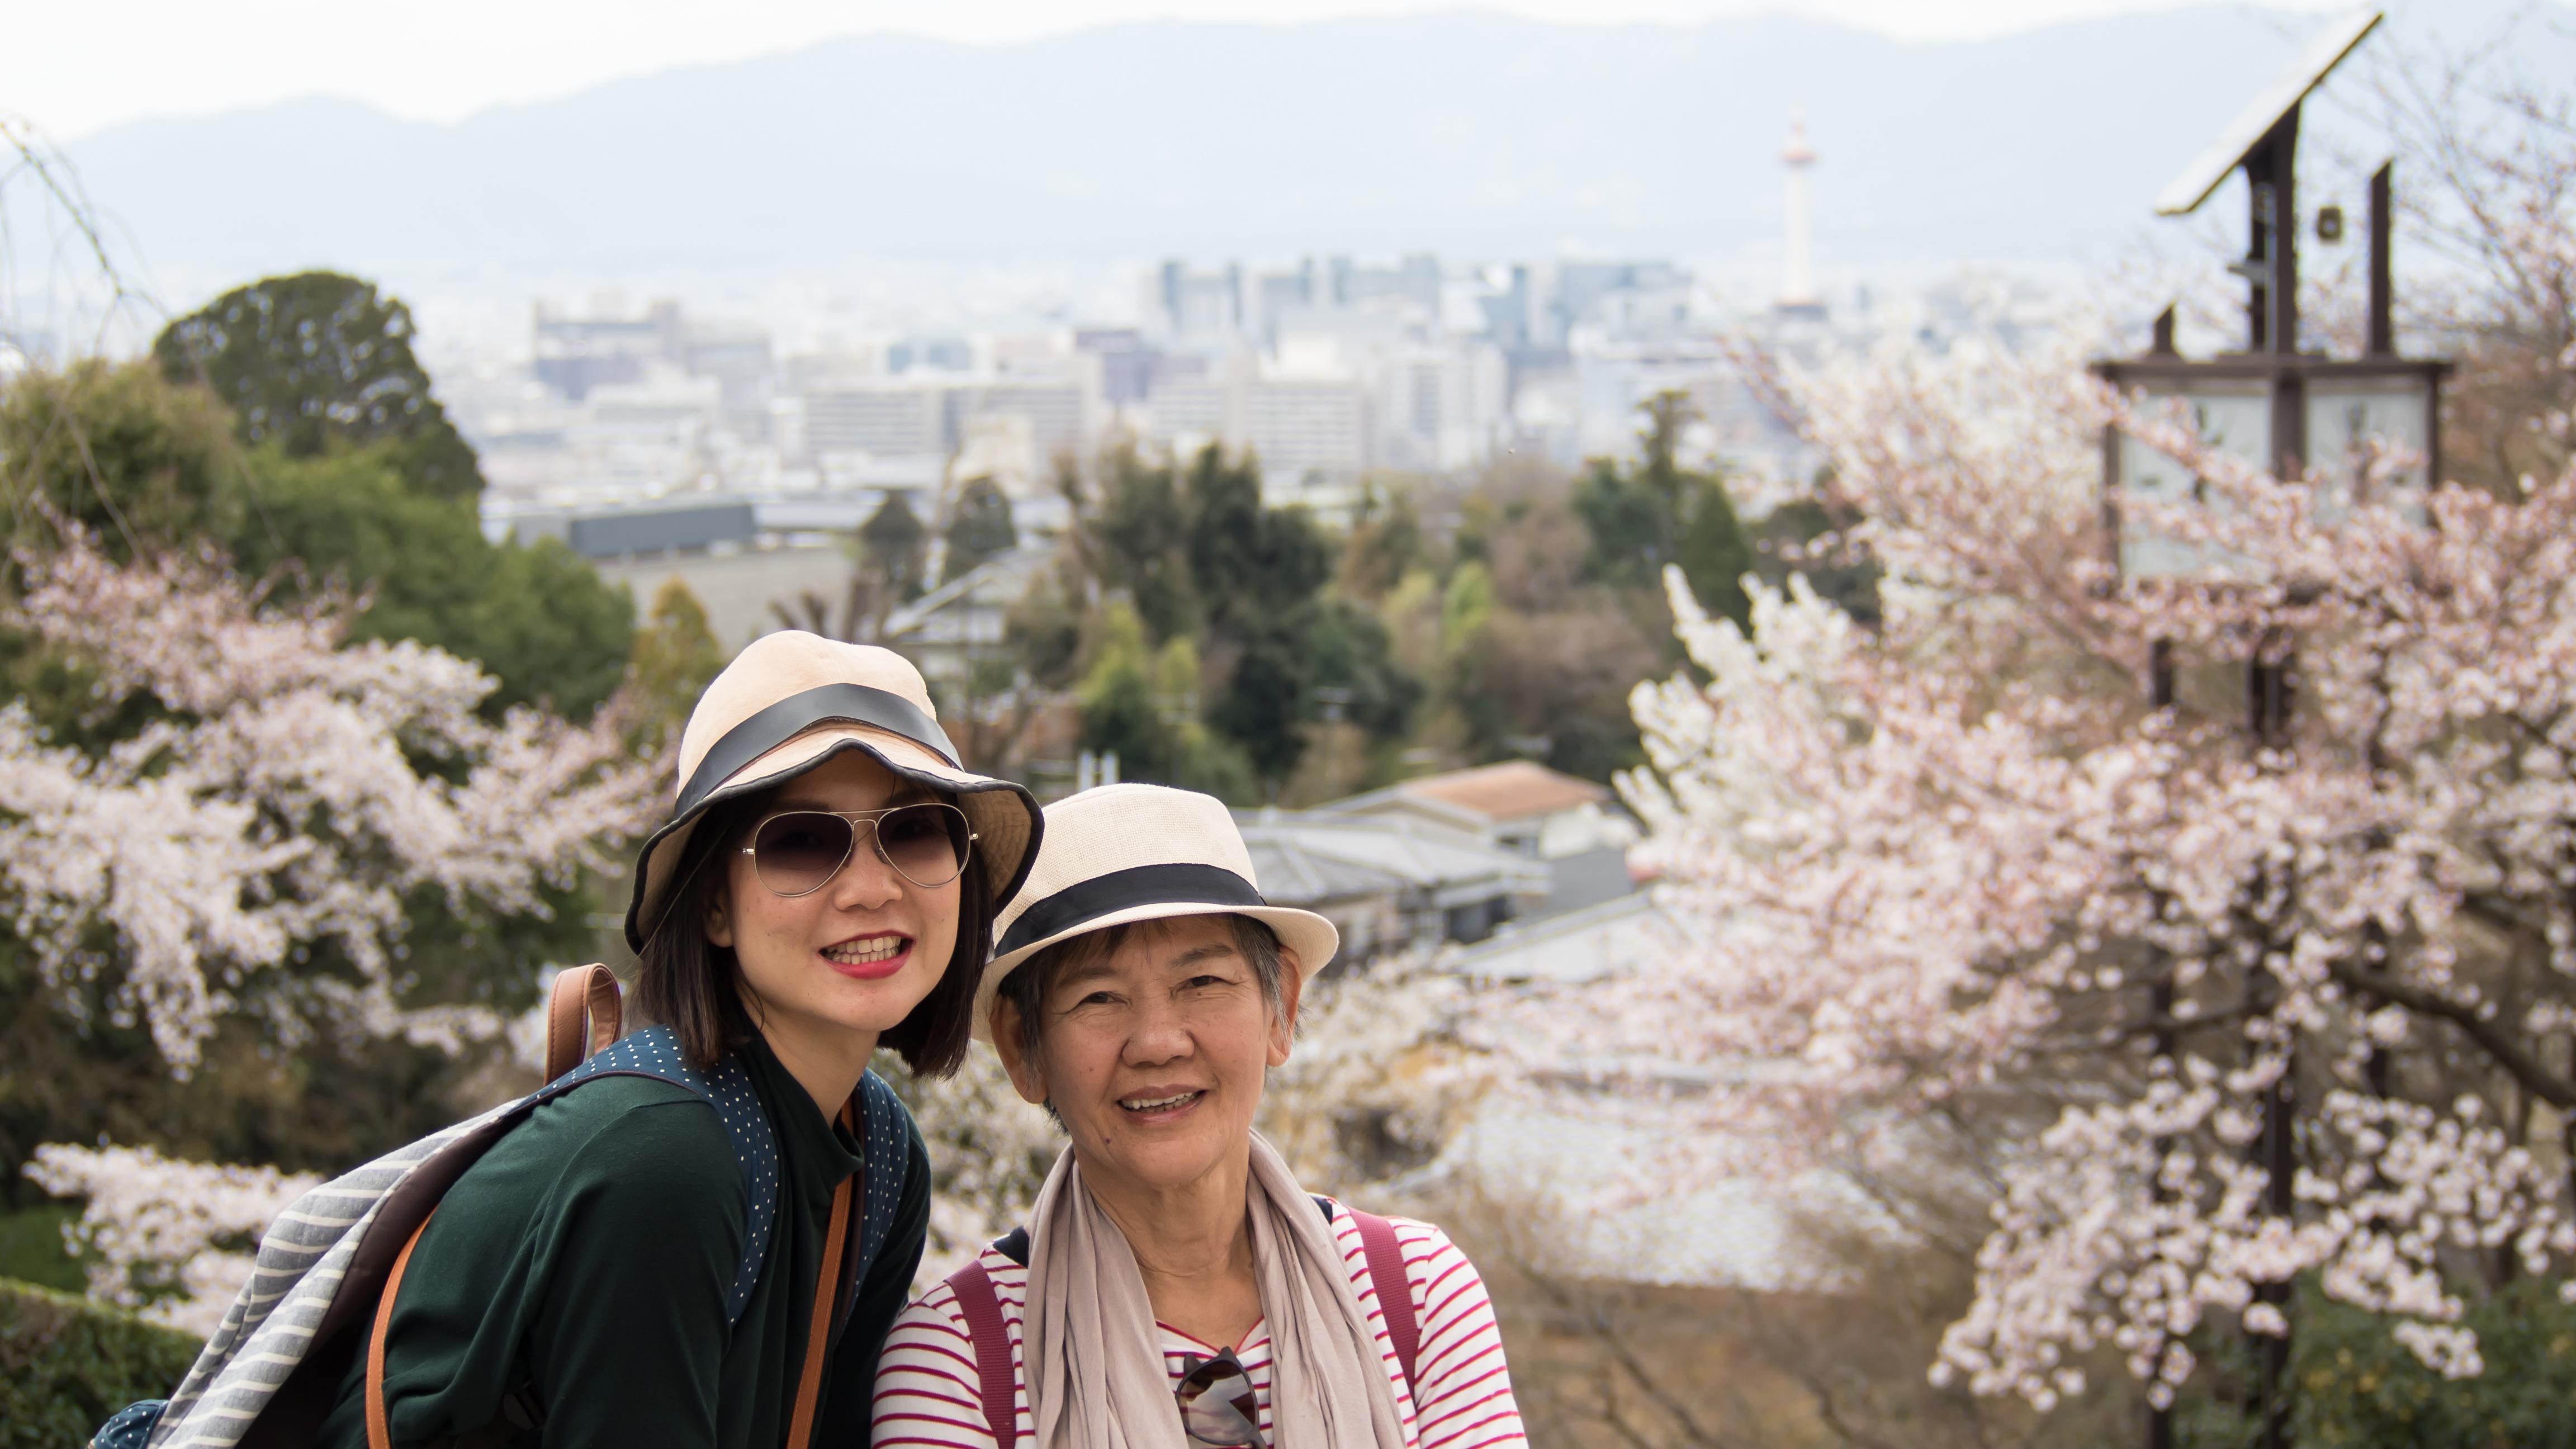 ตรวจสุขภาพประจำปี วันแม่ แนะนำของขวัญวันแม่ ของขวัญวันแม่เพื่อสุขภาพ